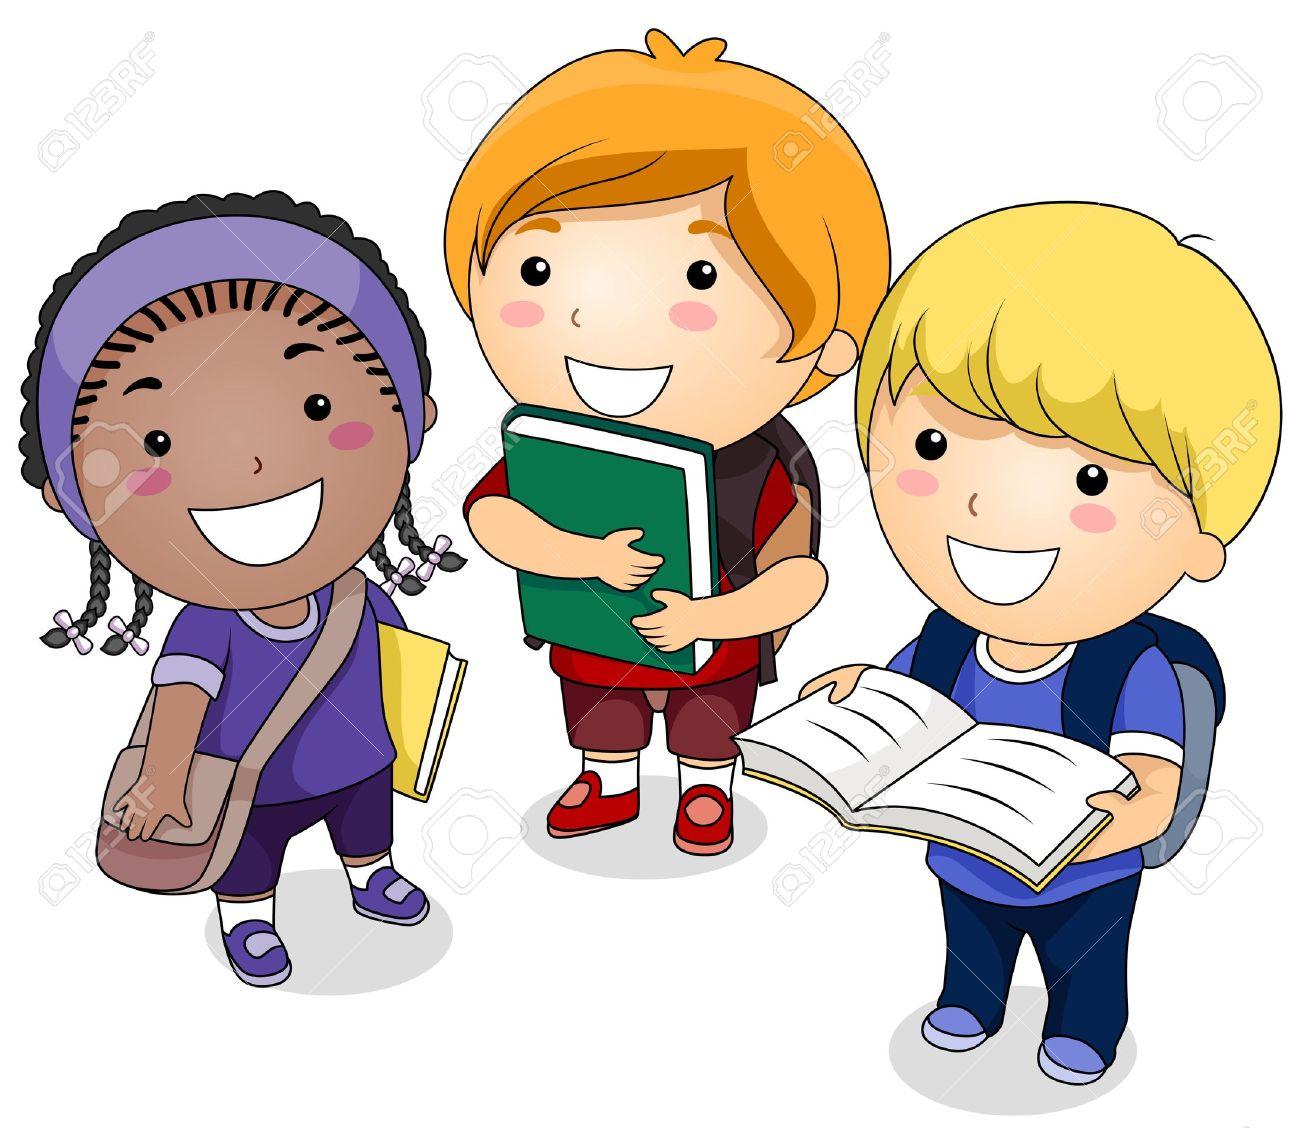 عبارات تشجيعية للطلاب في الدفتر